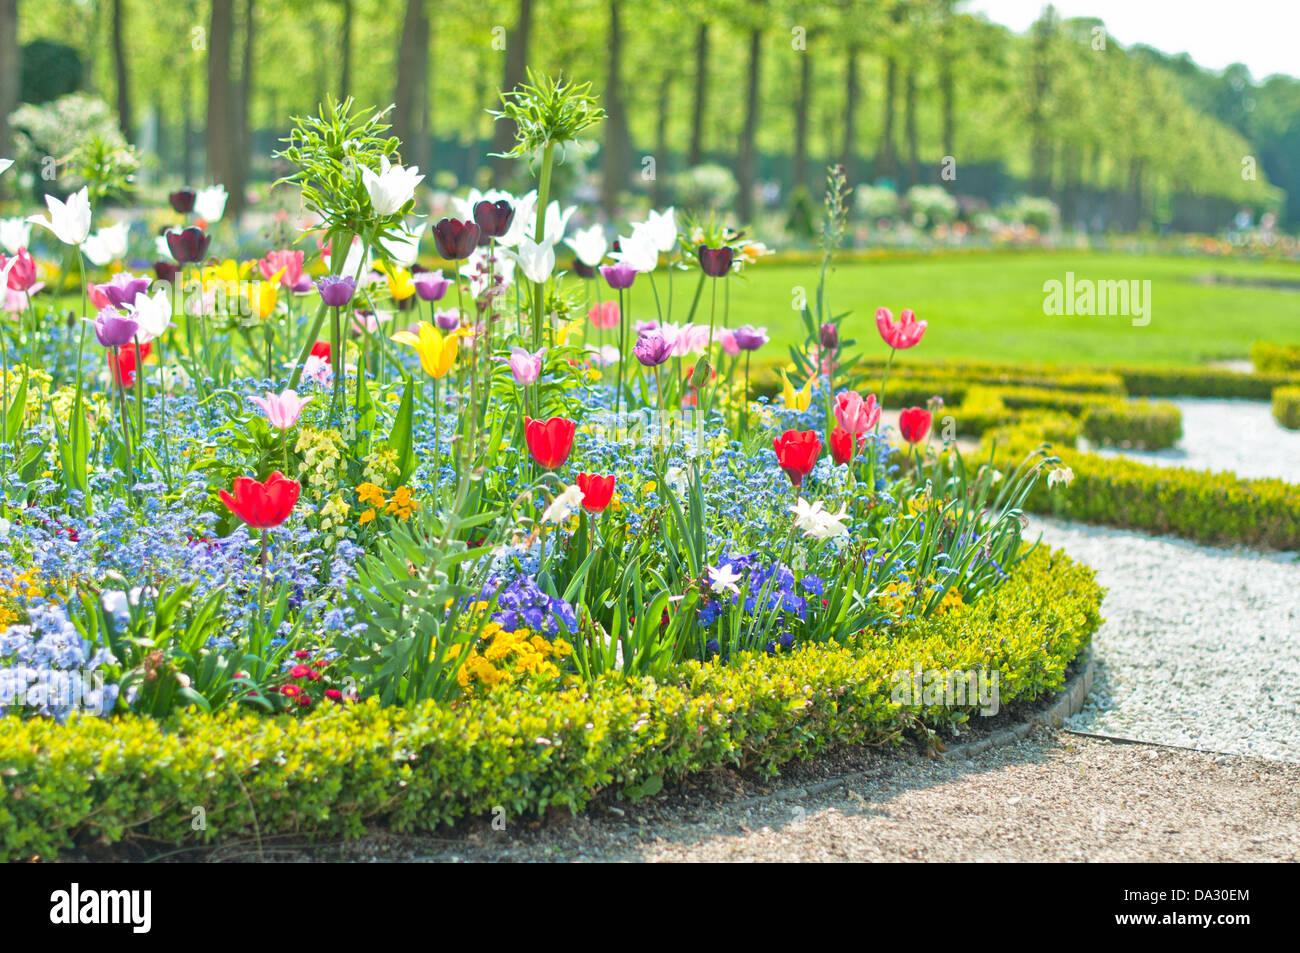 Bett, Außenaufnahme, Dekoration, Wiese, Rasen, Gärtnerisch gestaltet, Natur, Blüte, Blatt, Sommer, Feld, Festlich Stock Photo